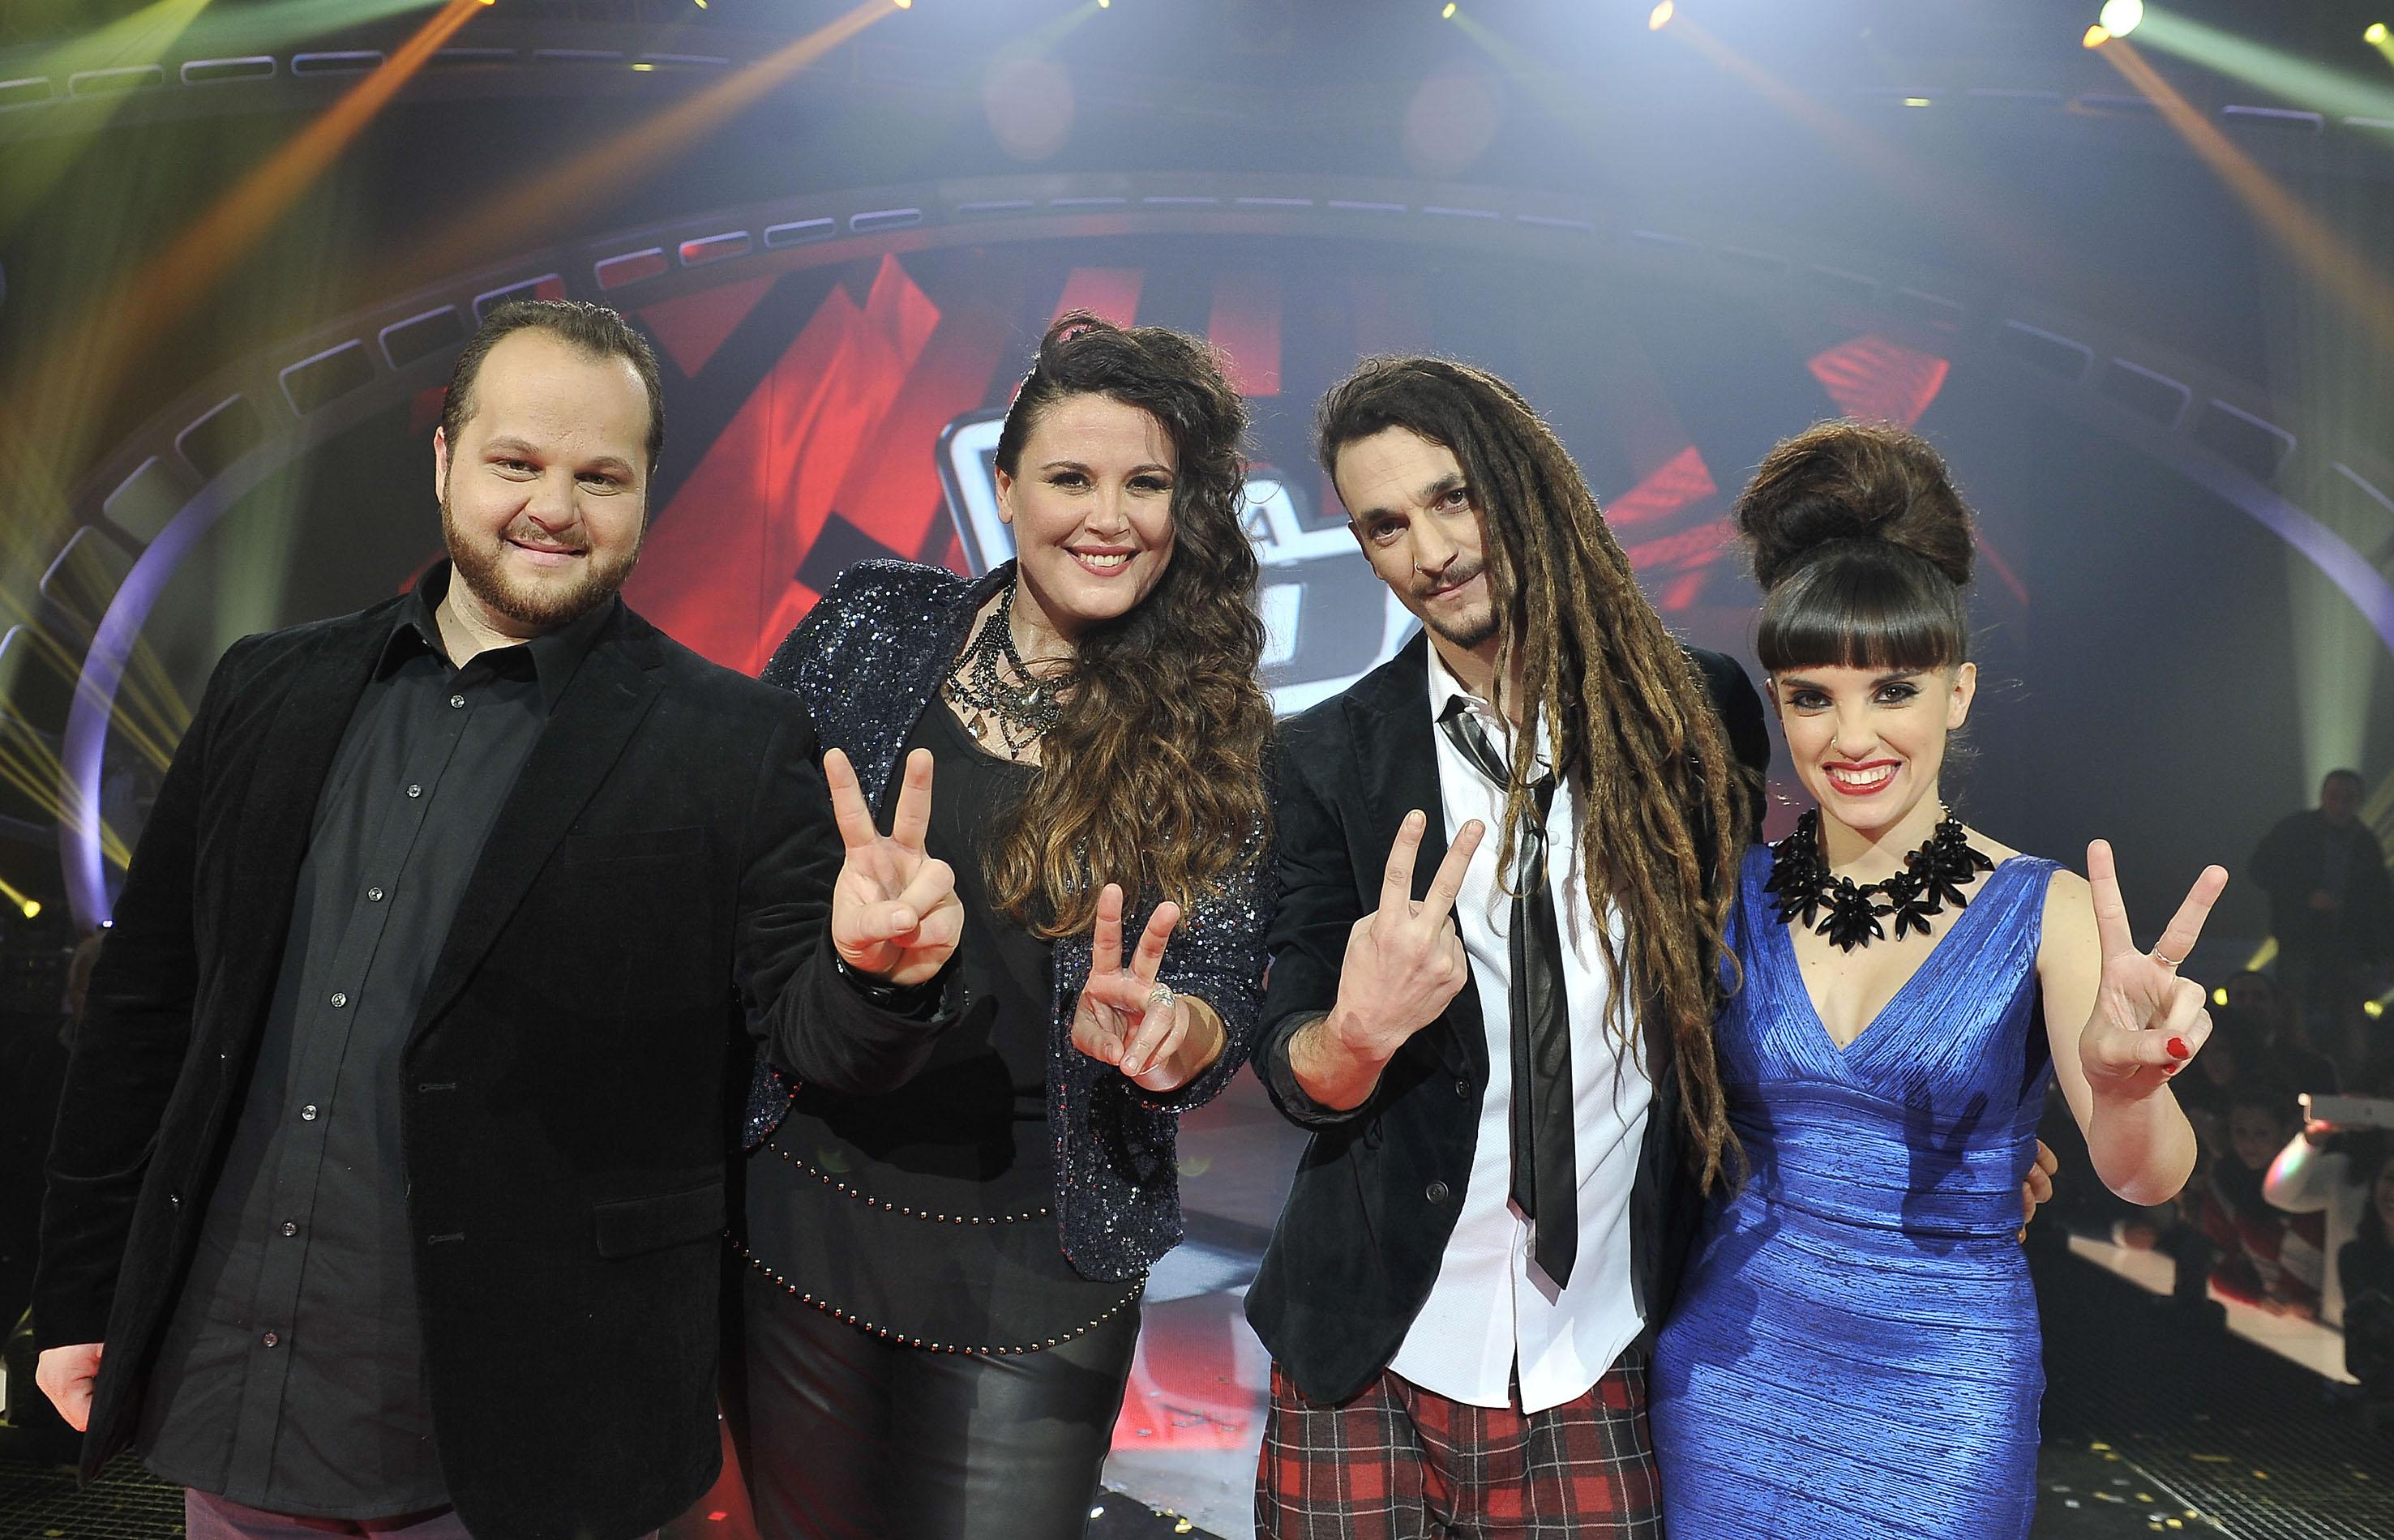 Begoña Rodrigo gana 'Top Chef' y David Barrull se hace con 'La Voz'